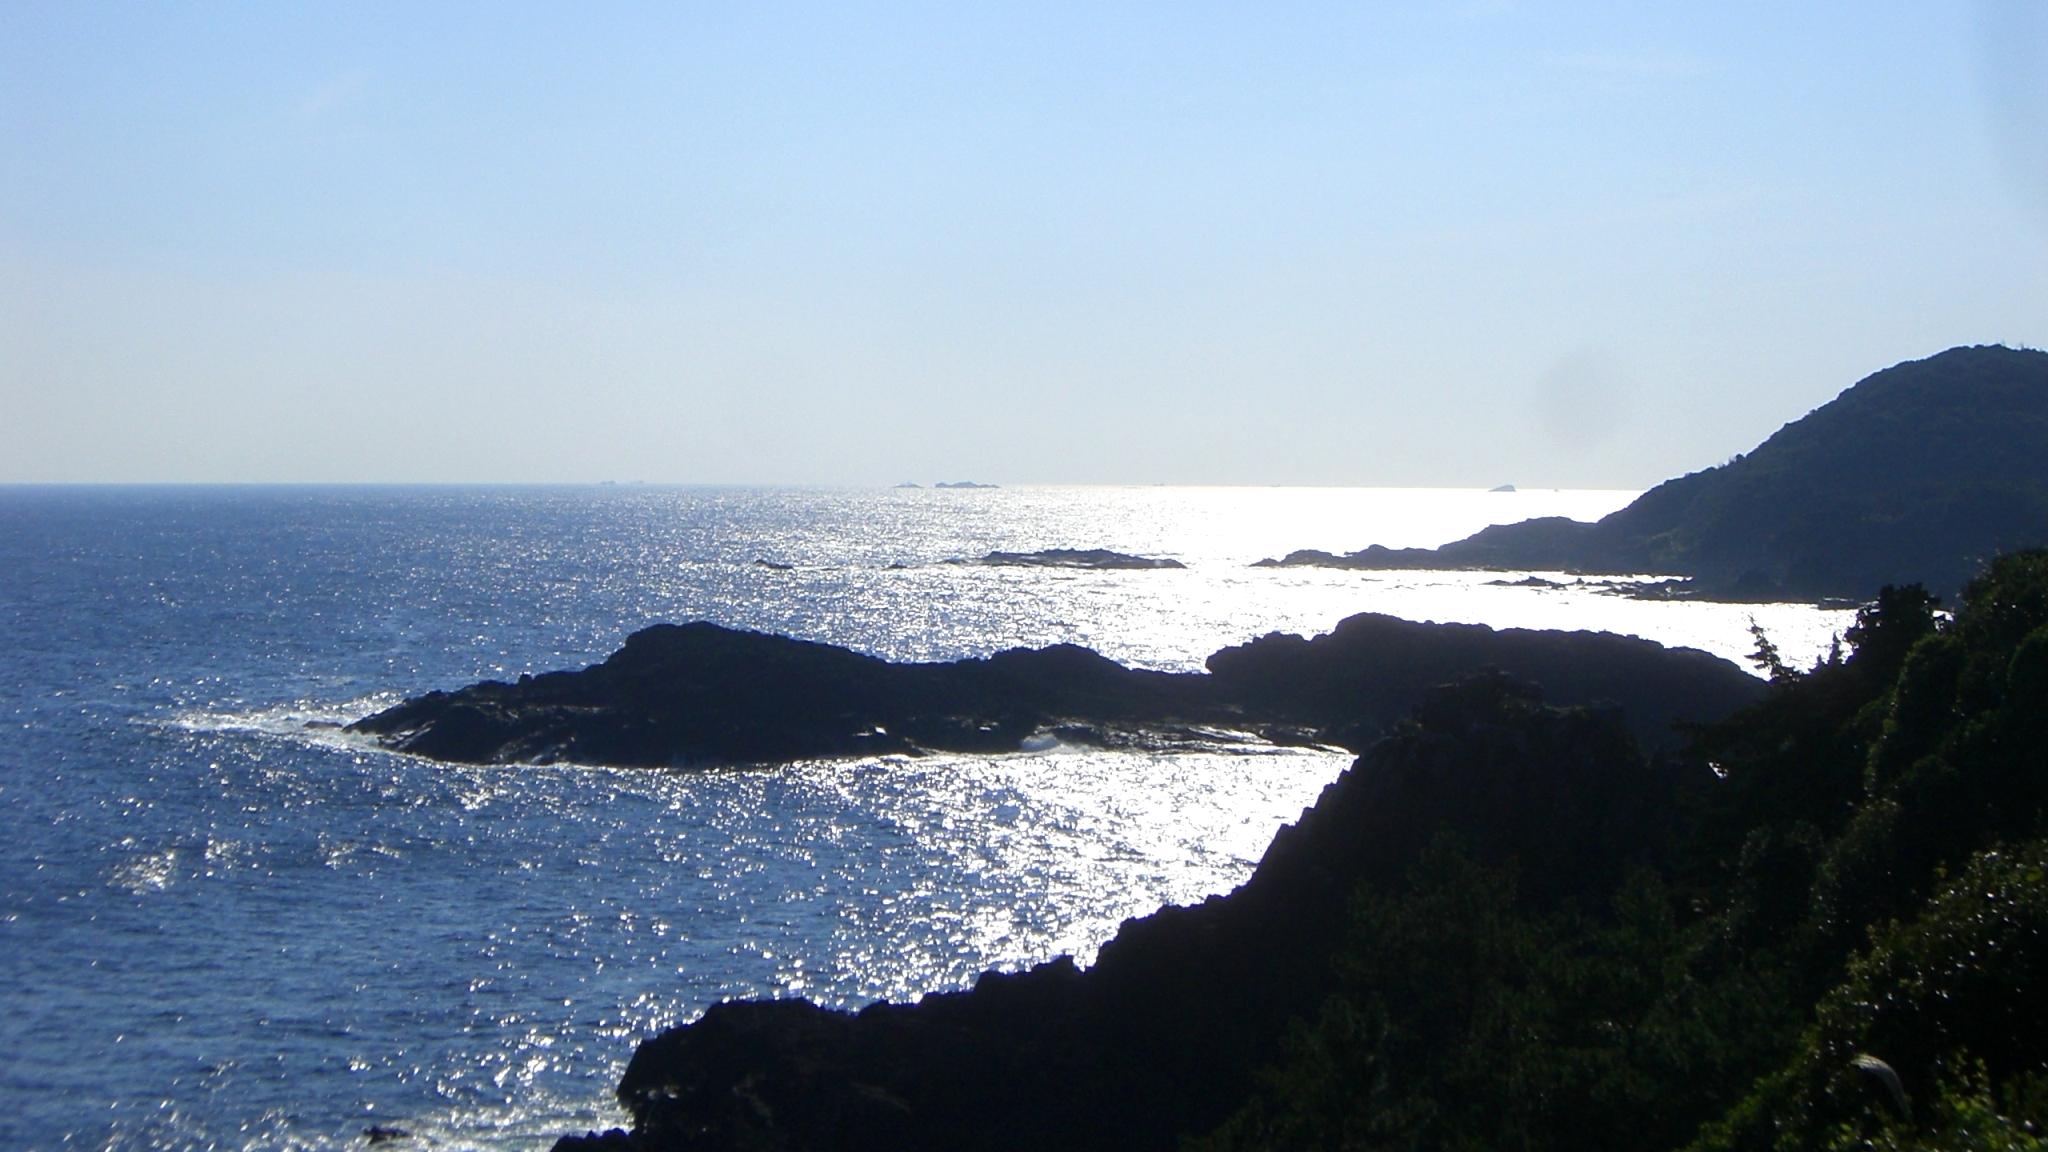 【祖母の85歳祝い】3日間の伊豆旅行。爪木崎で太平洋の風に吹かれる!